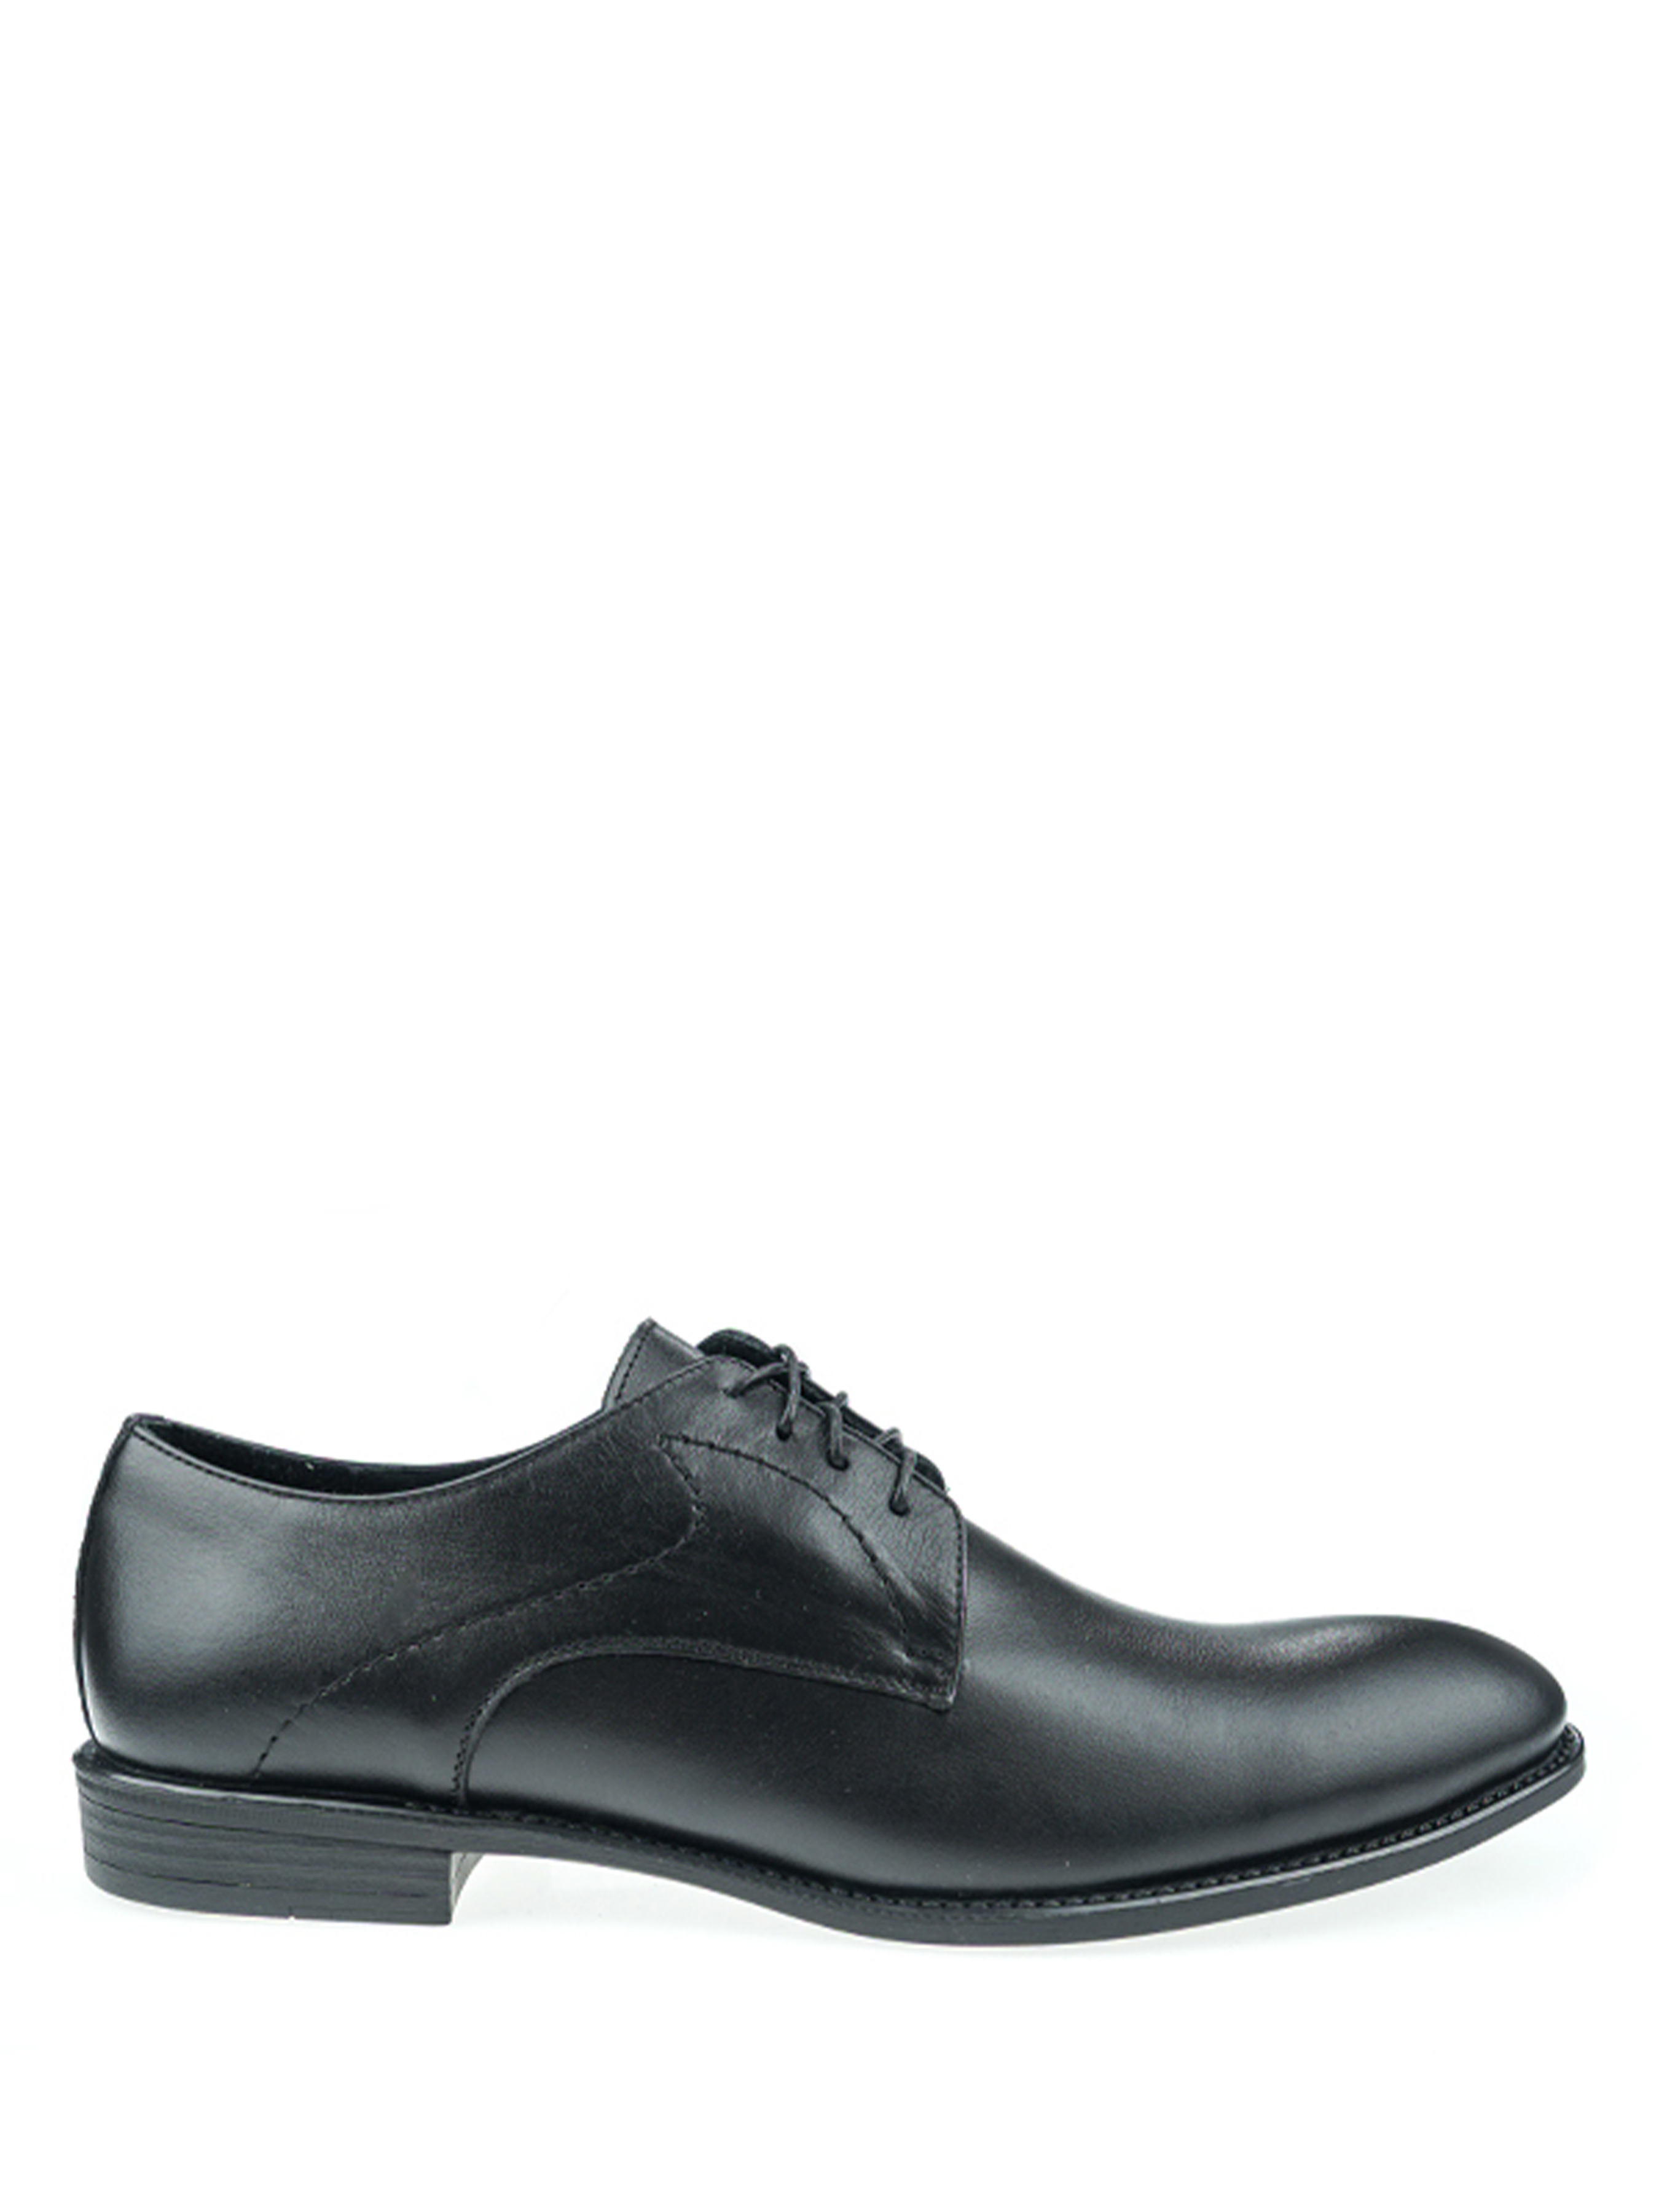 Полуботинки для мужчин LiONEli 3G22 размеры обуви, 2017